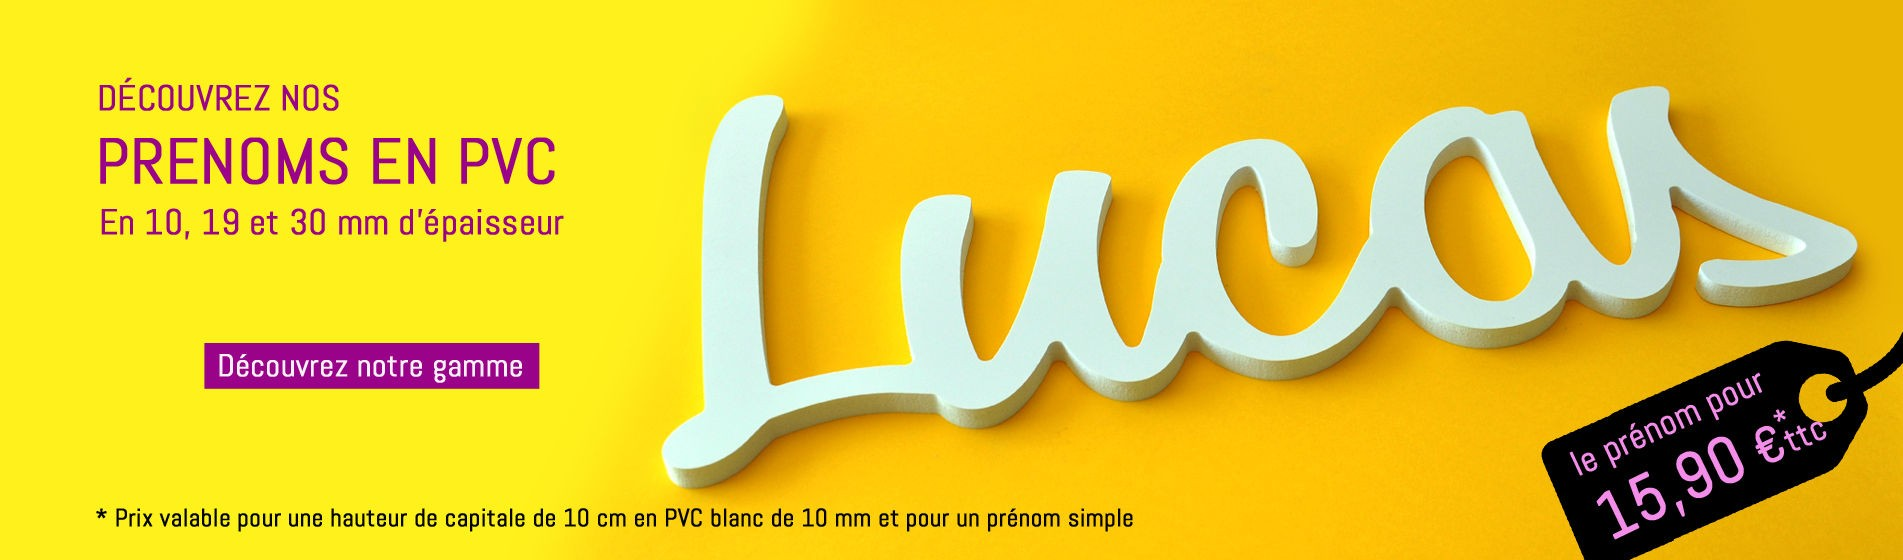 Prénoms découpés en PVC blanc de 10mm à partir de 15,9 € ttc